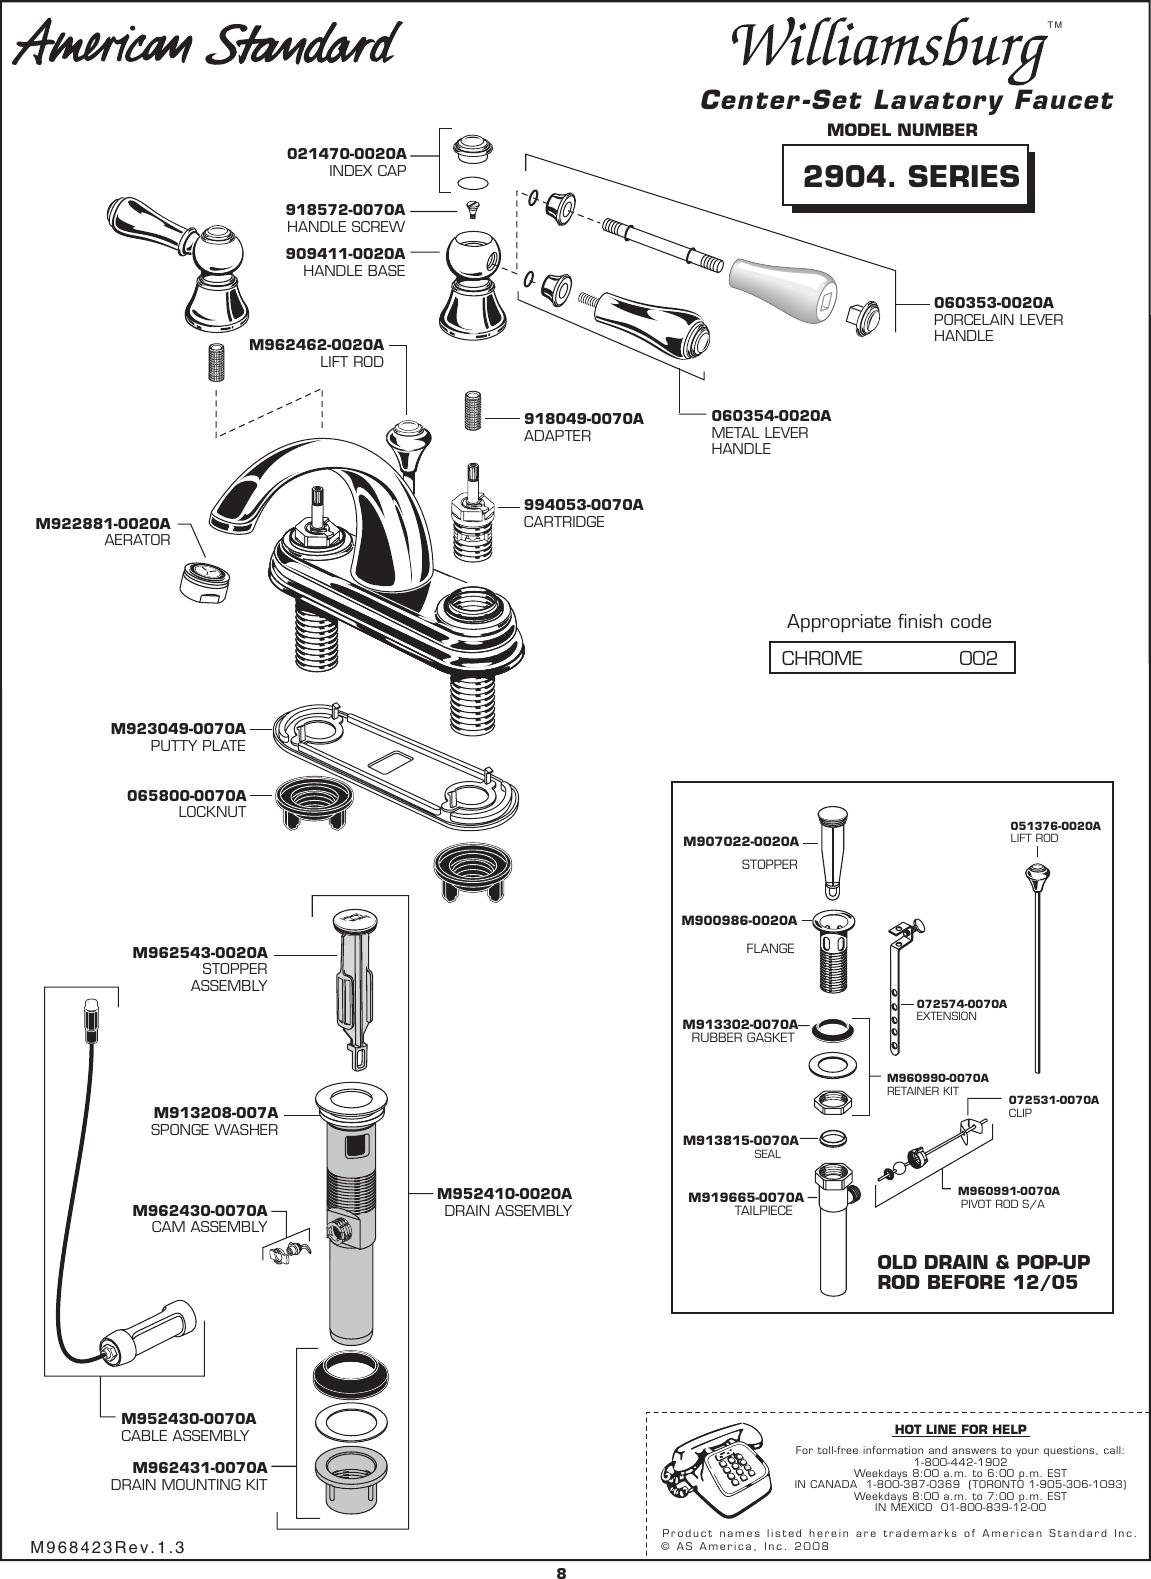 American Standard Williamsburg 2904 Series Users Manual